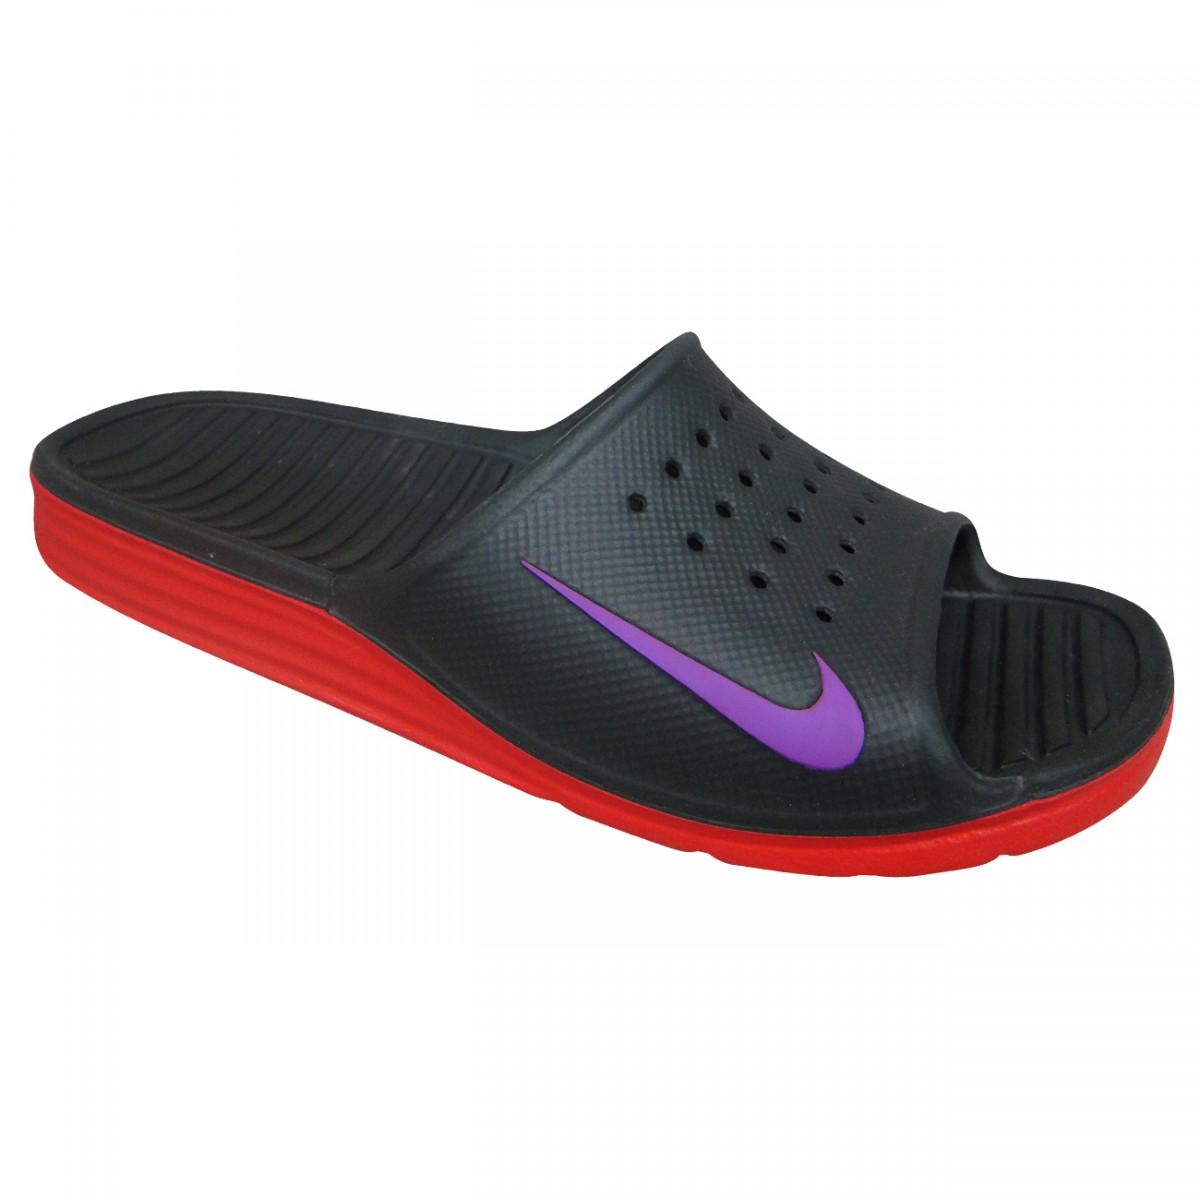 a90493d7a0 Chinelo Nike Solarsoft Slide 386163 056 - Preto/Vermelho/Uva - Chuteira Nike,  Adidas. Sandalias Femininas. Sandy Calçados